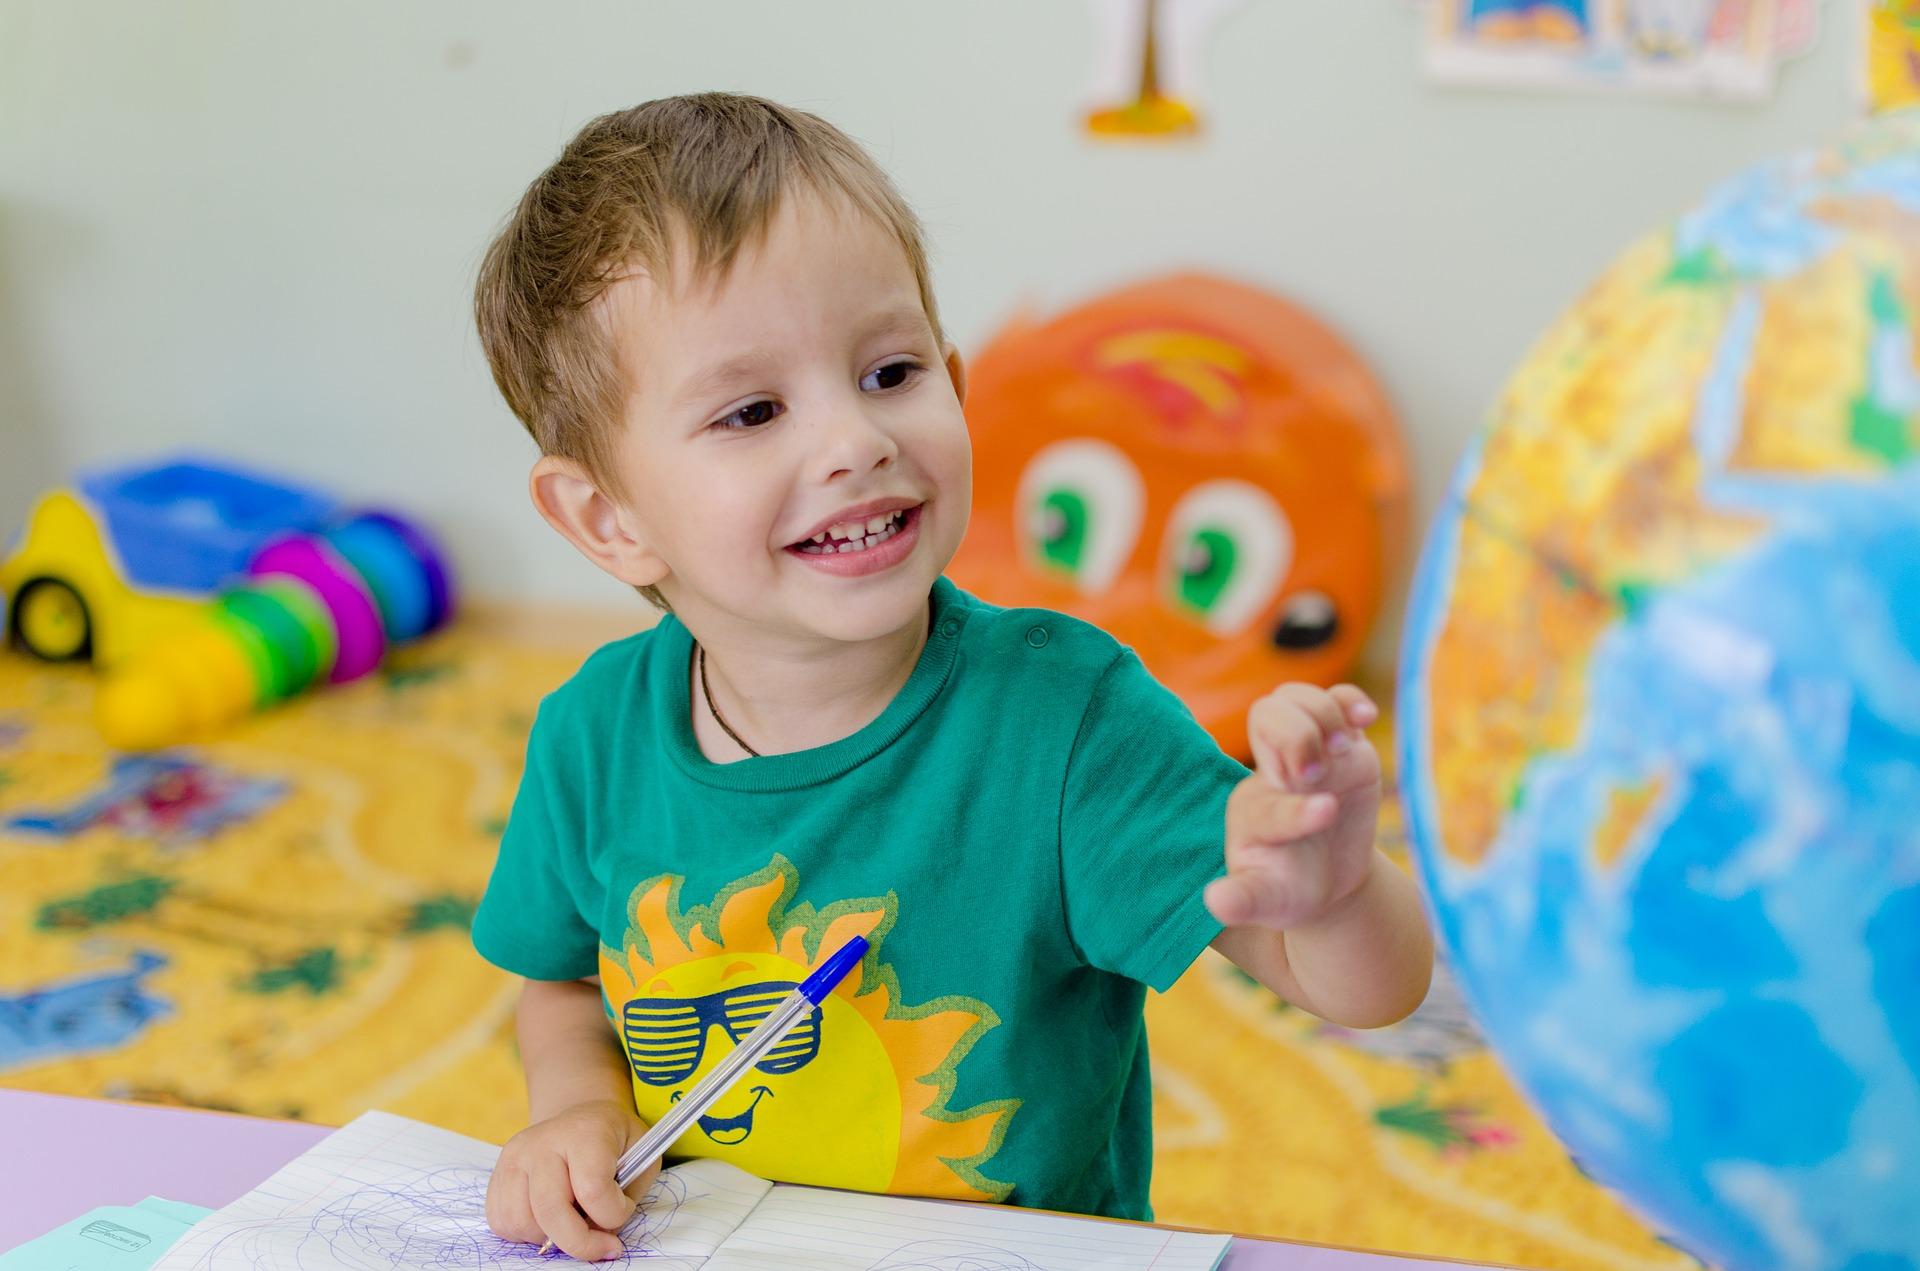 Enfant souriant en train de dessiner